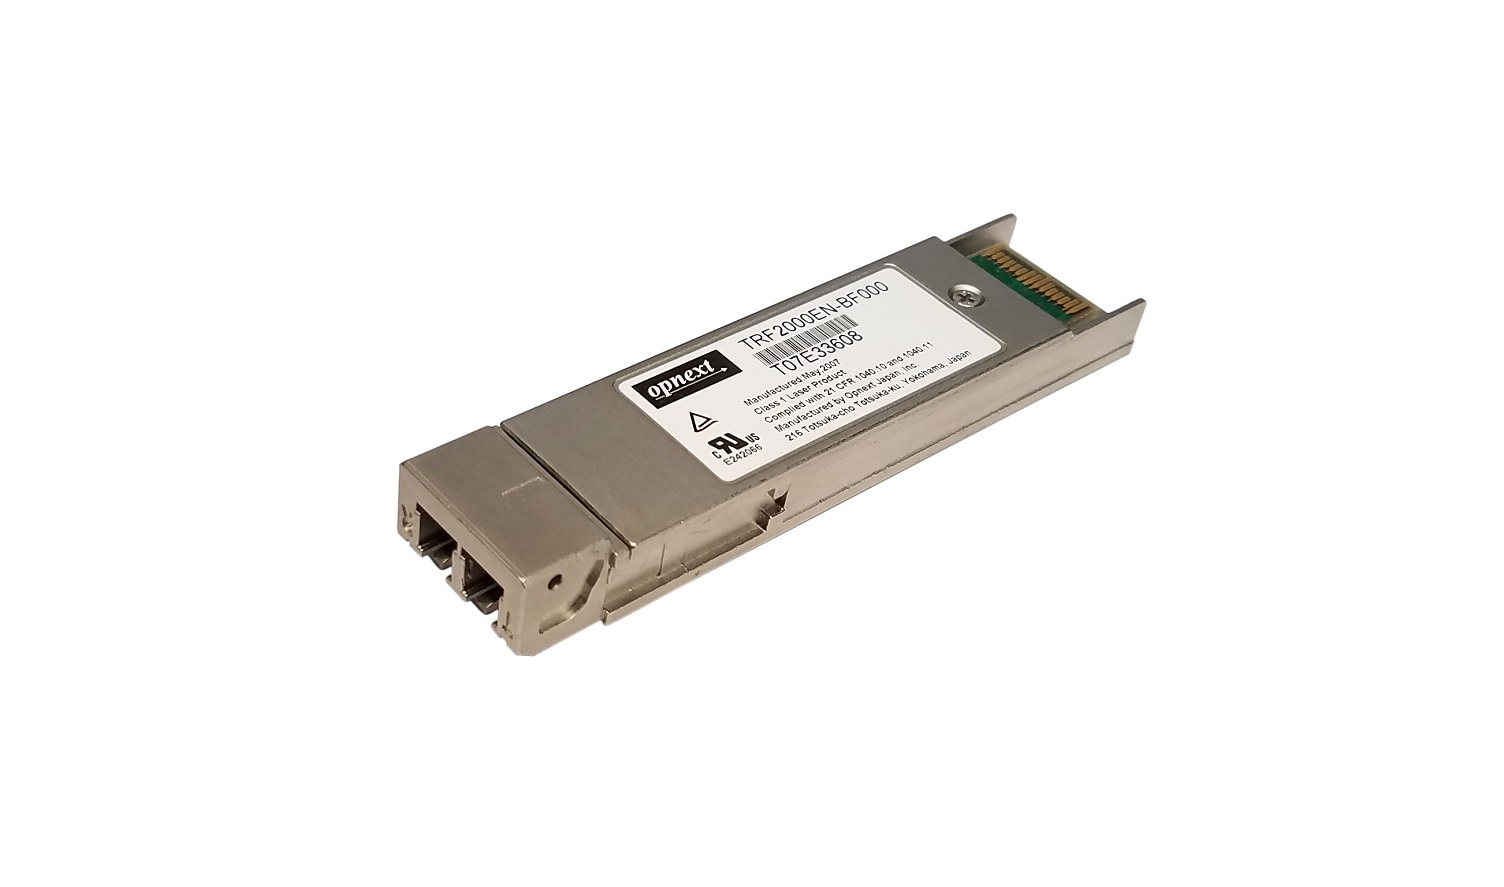 10GB Opnext Original 10GB/s MMF SFP+ Tranceiver 850nm 300m TRF2000EN-BF000